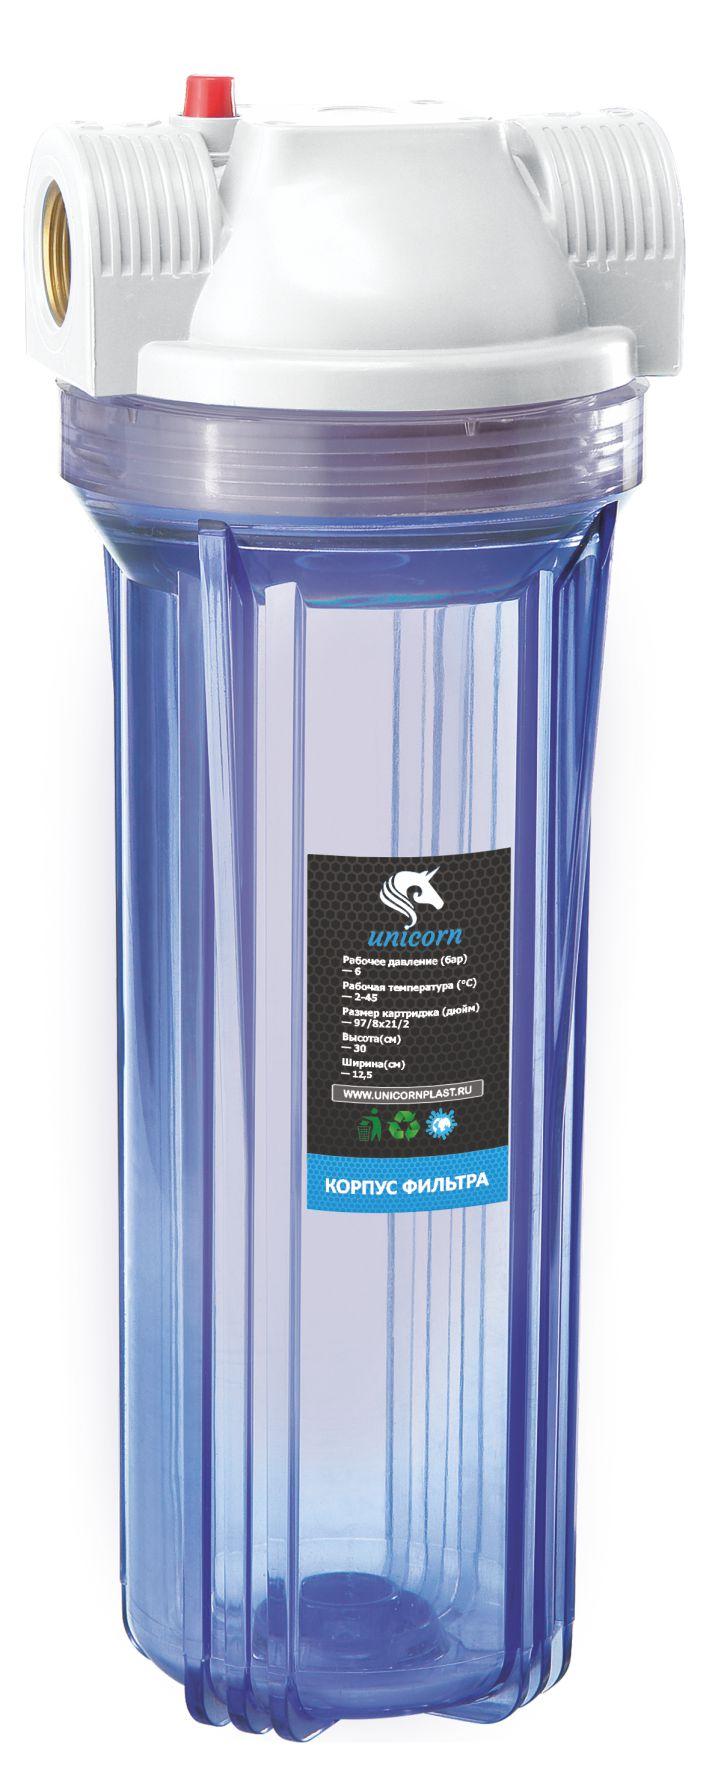 Корпус фильтра для холодной воды Unicorn 10